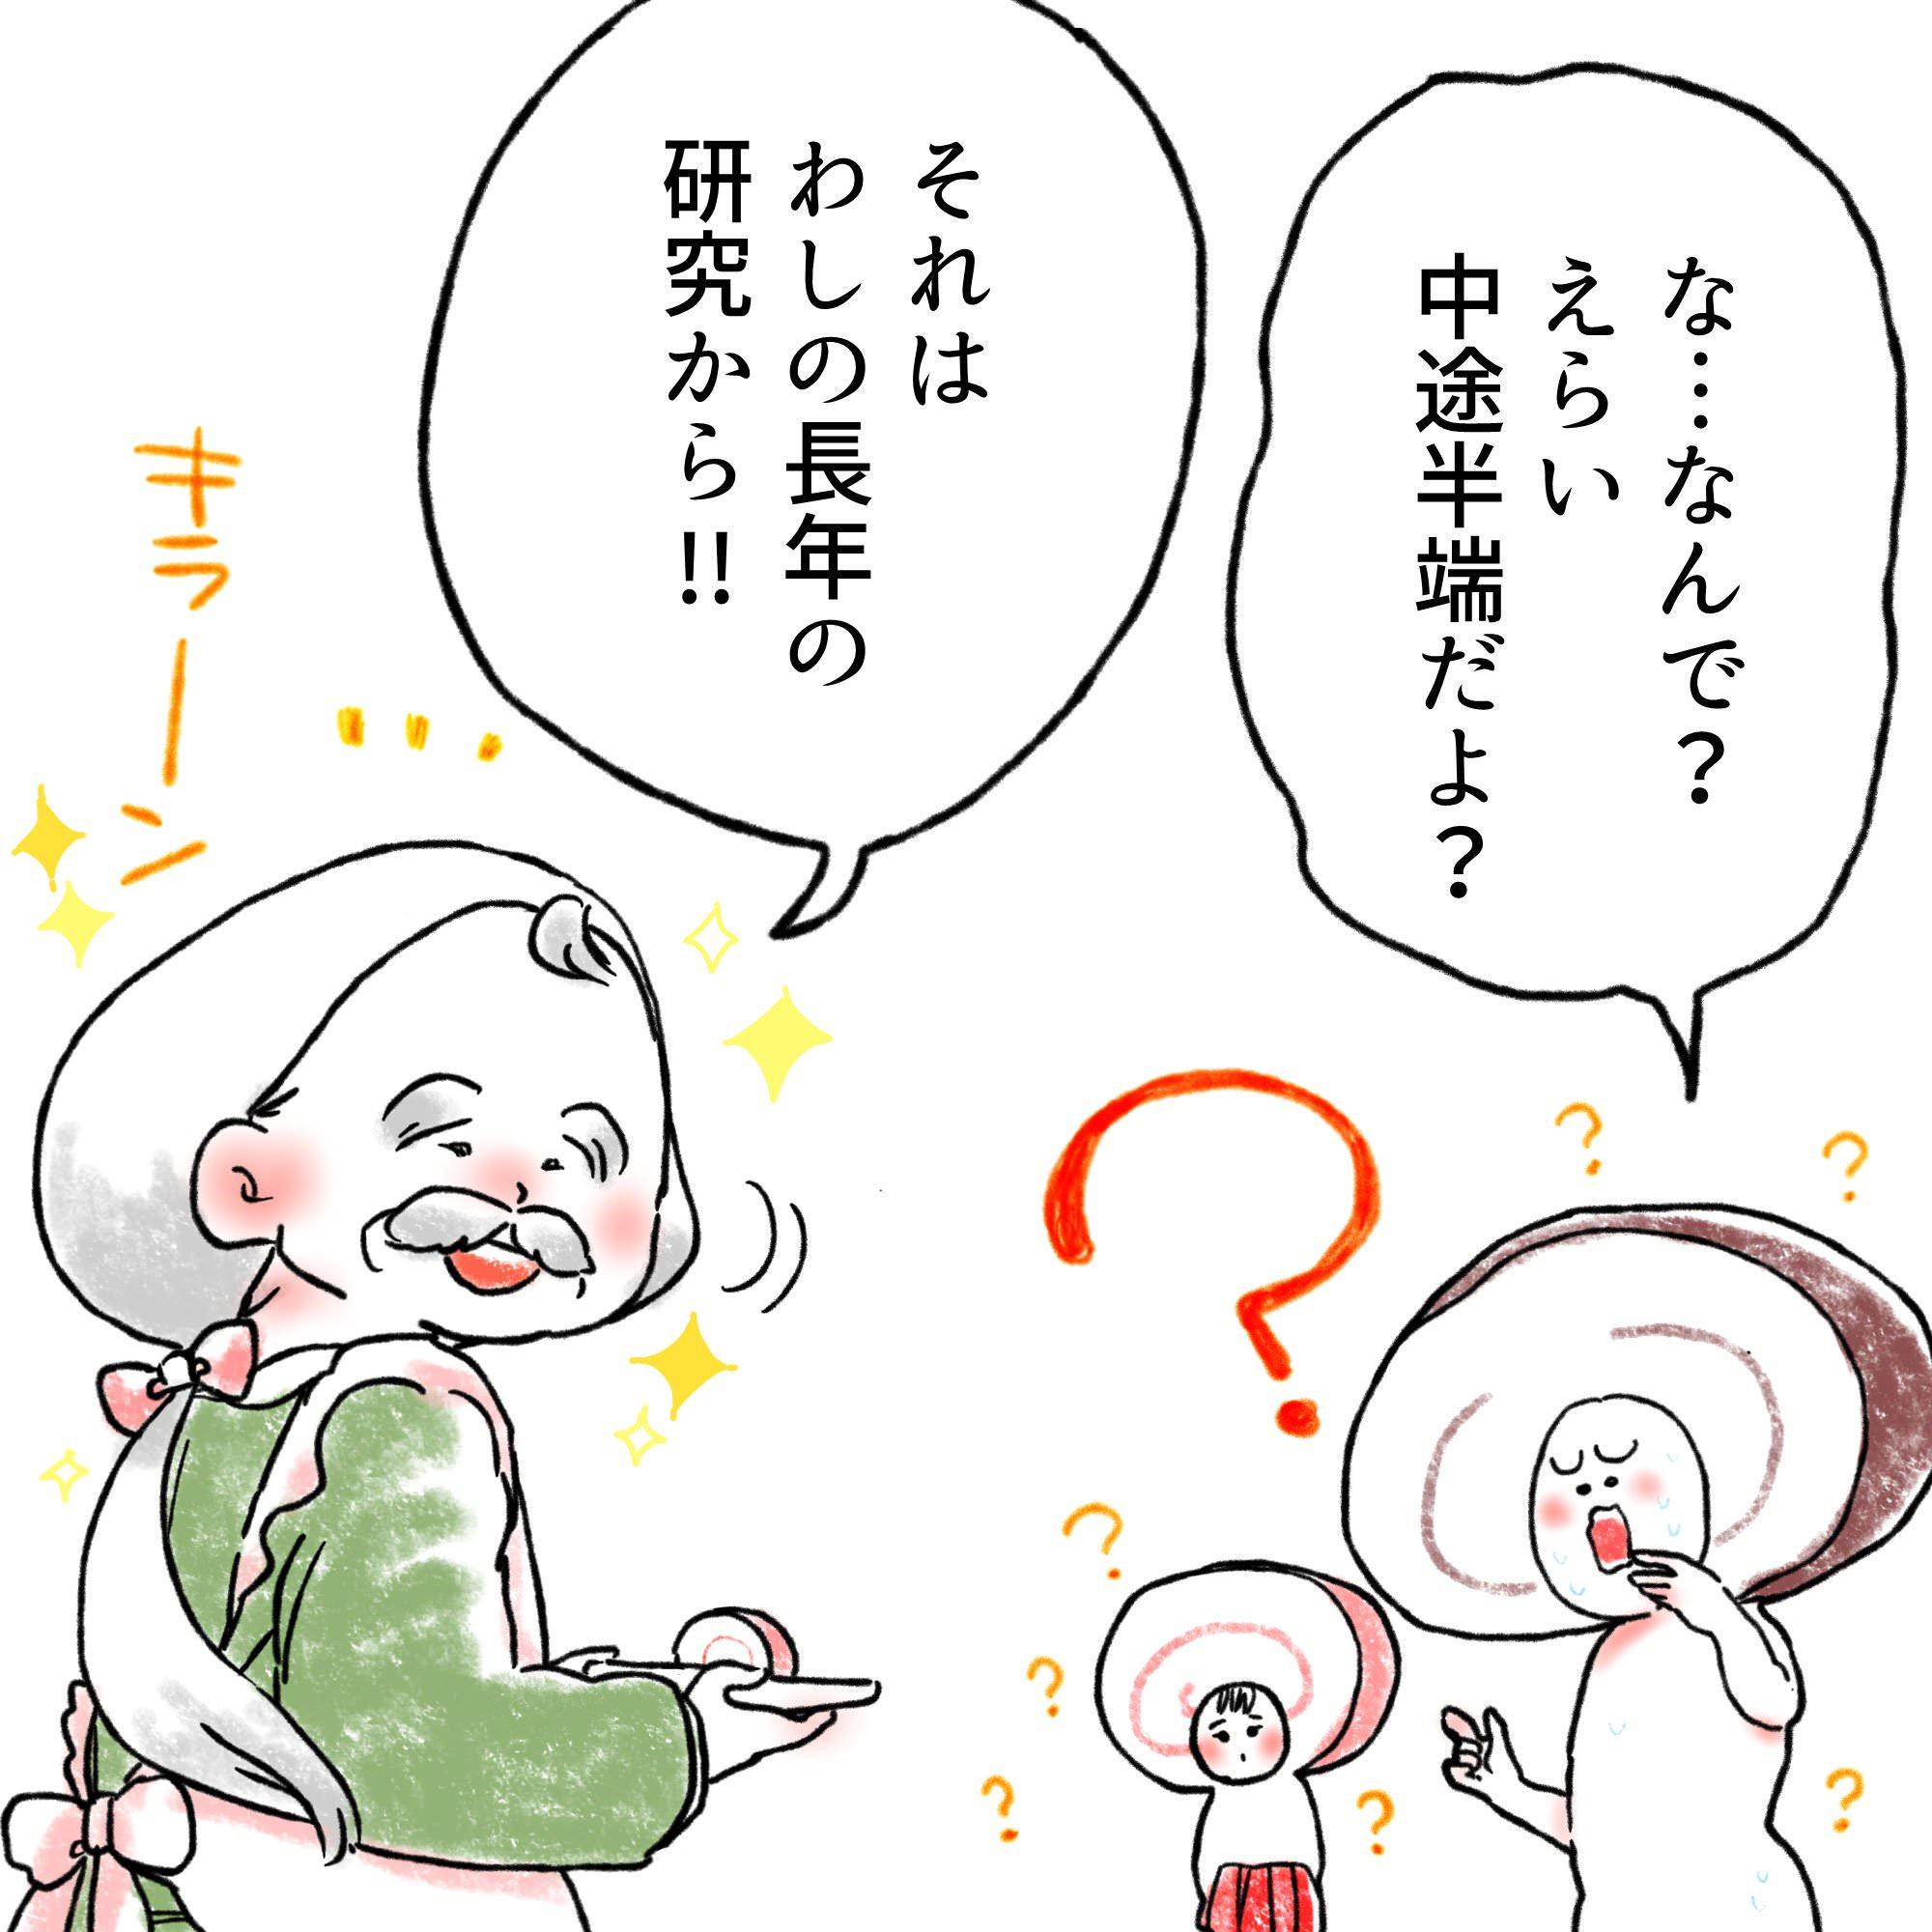 ウメカマンガ 1cm目 かまぼこがいちばん美味しいのは【1.1cm】でありますっ!その秘密とは!?